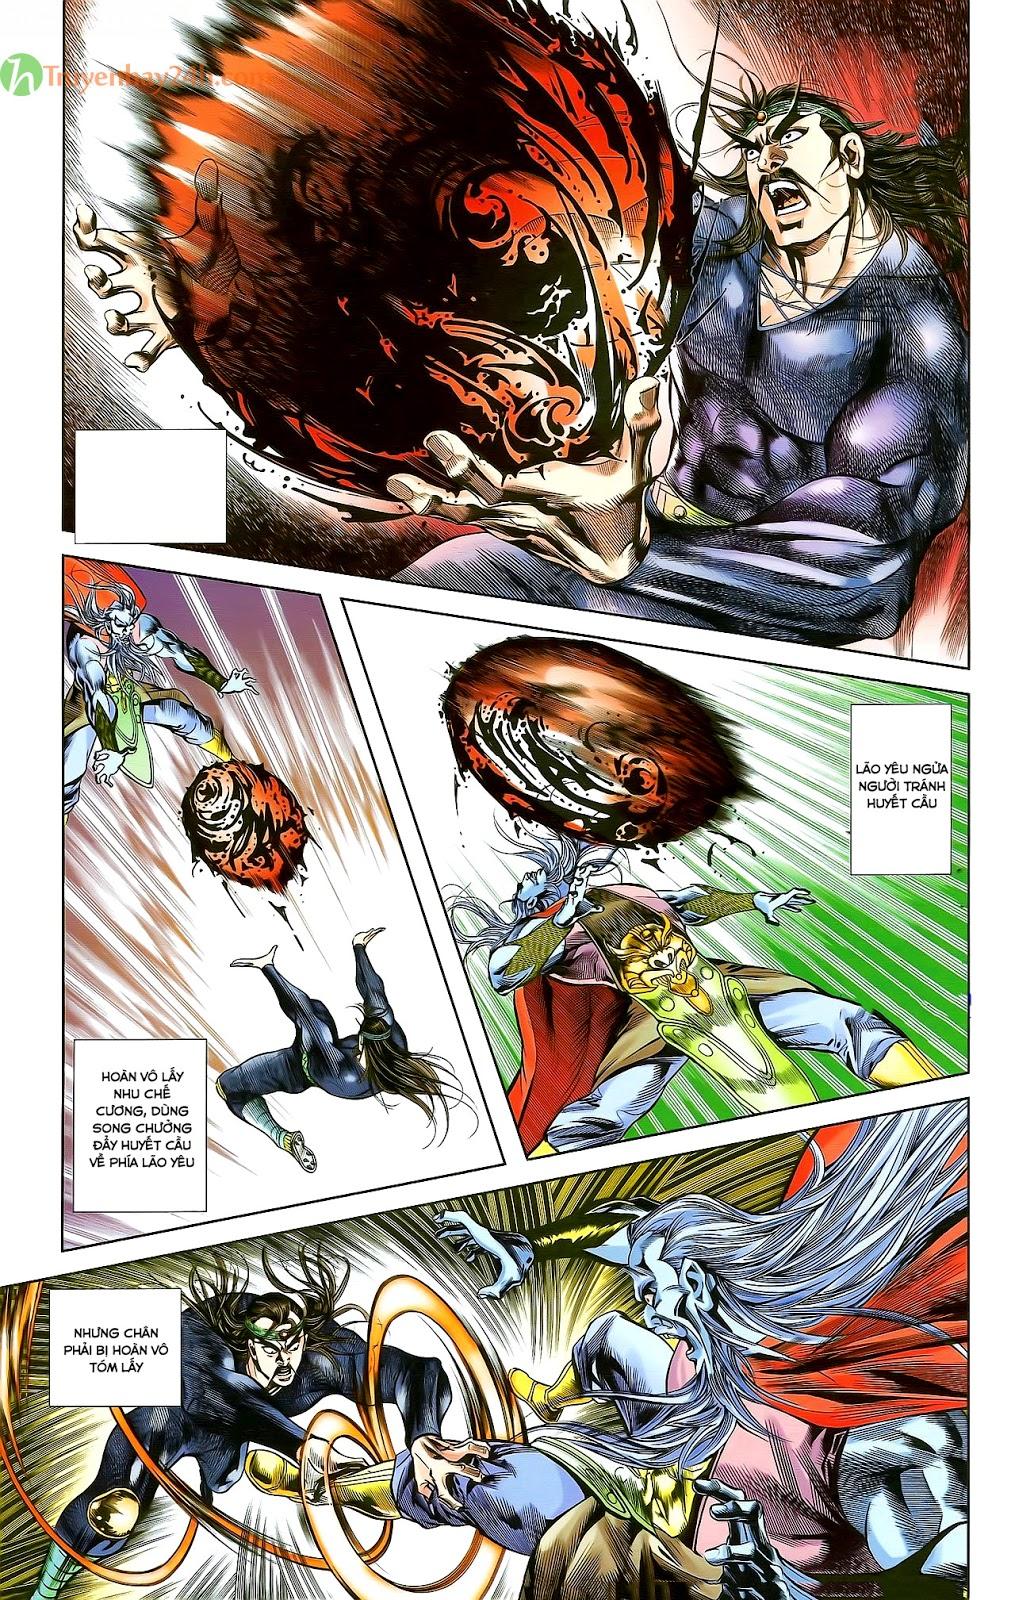 Tần Vương Doanh Chính chapter 28 trang 8